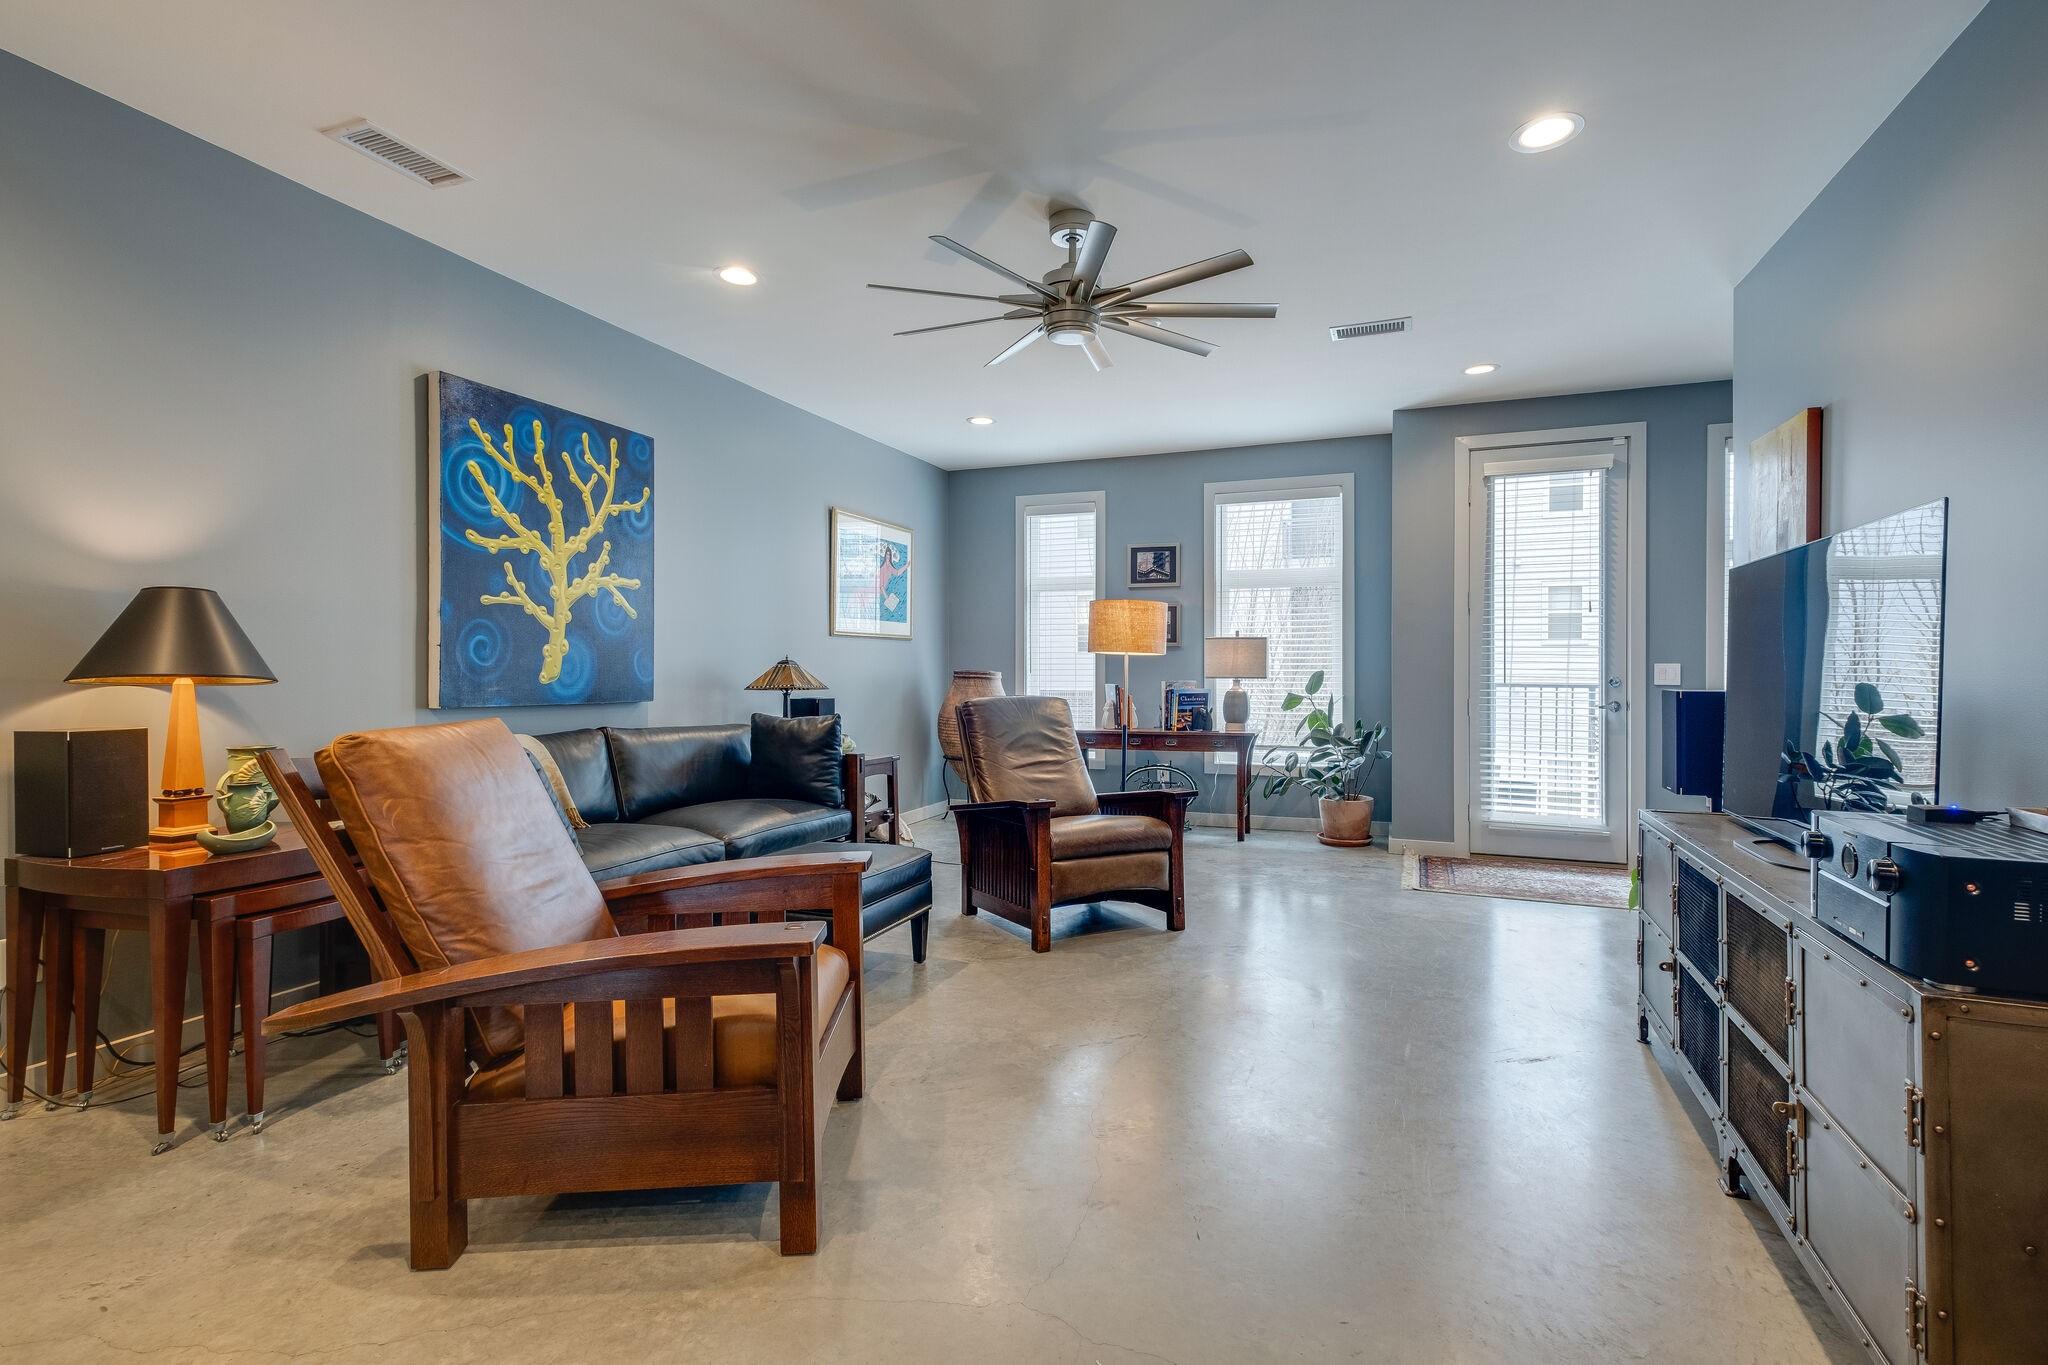 725 Cleo Miller Dr Property Photo - Nashville, TN real estate listing